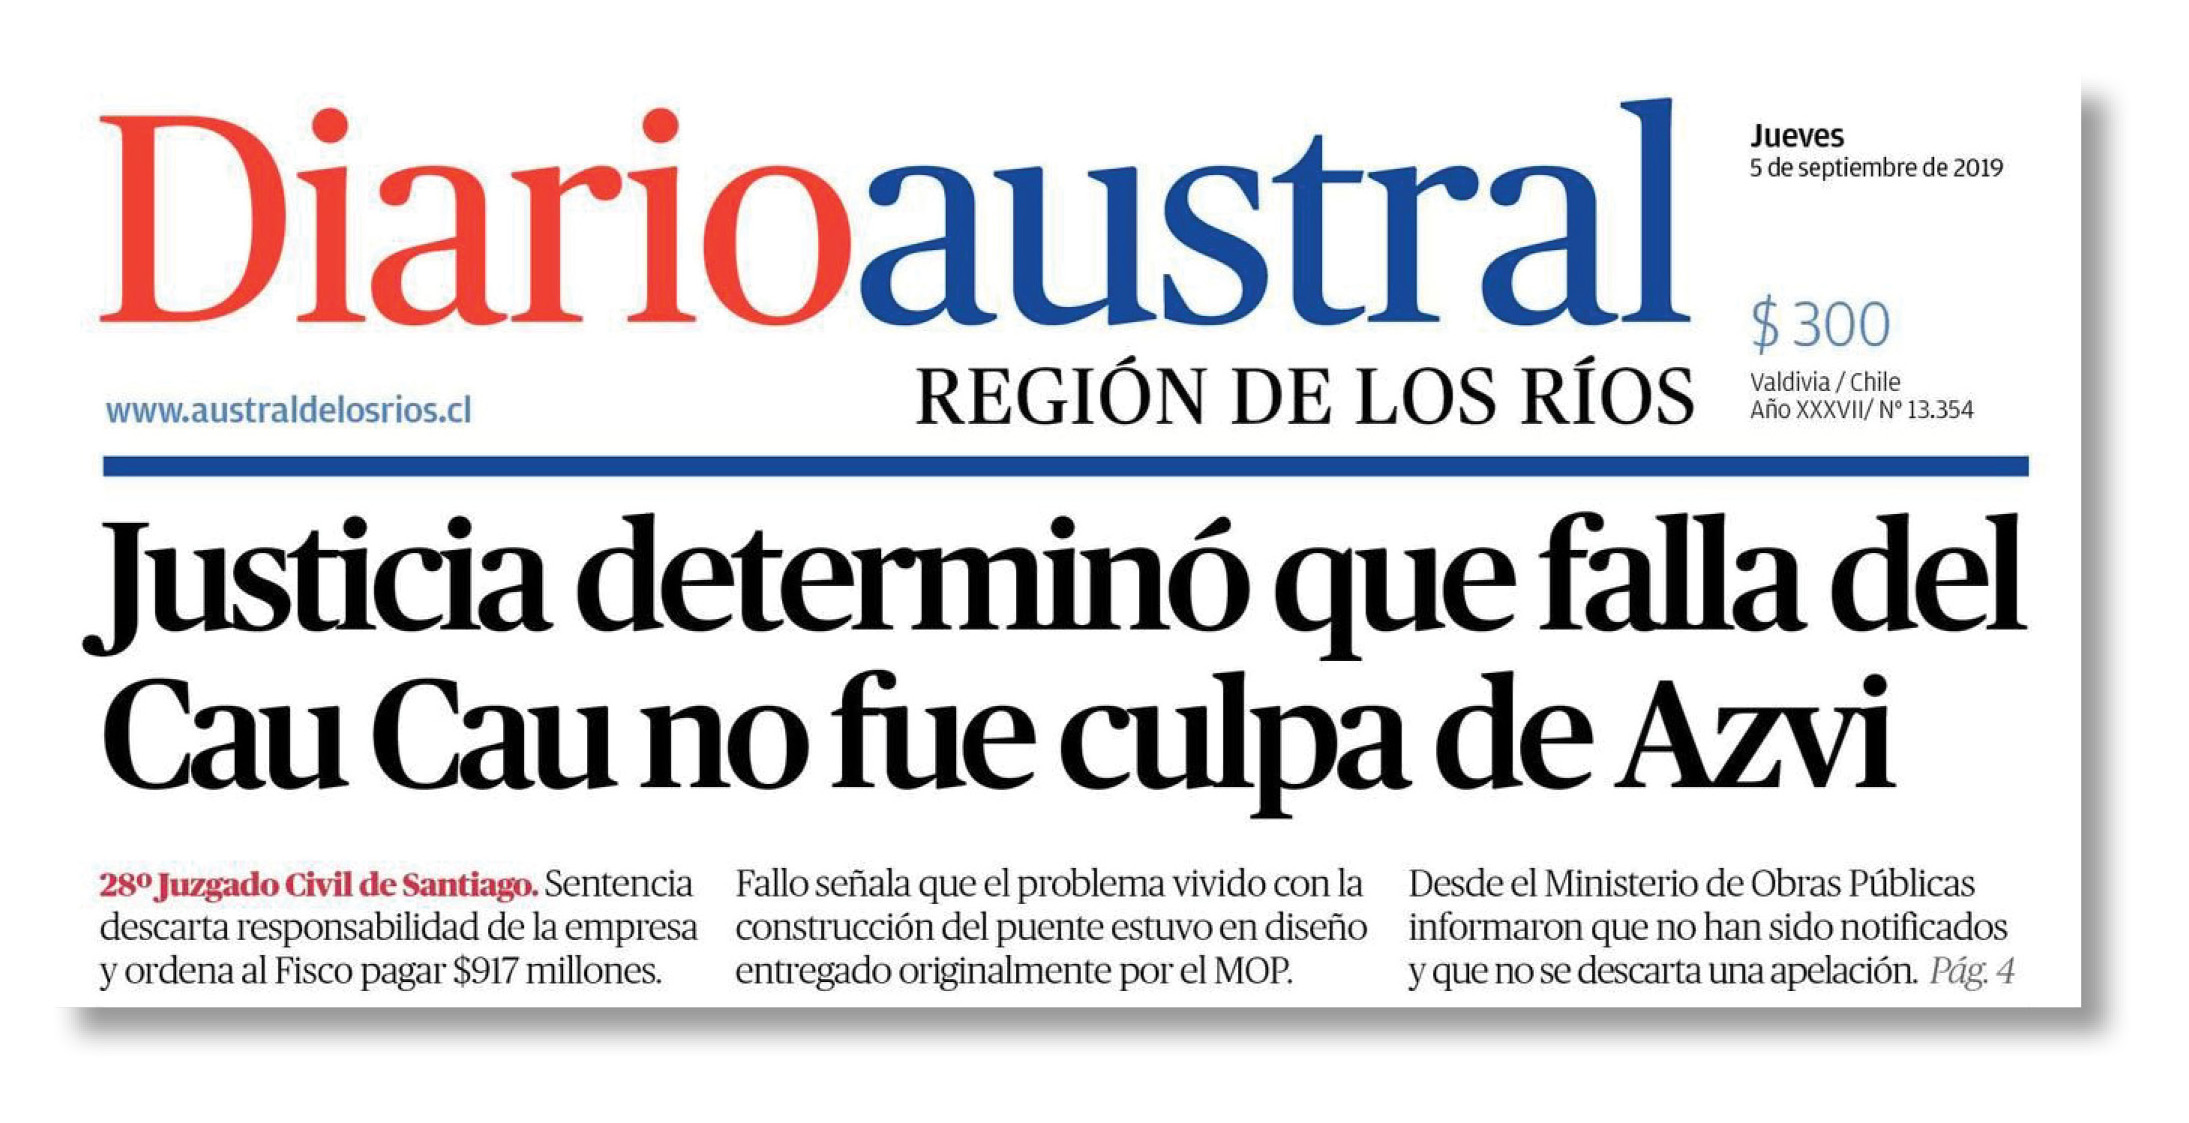 Azvi_CauCau_DiarioAustral